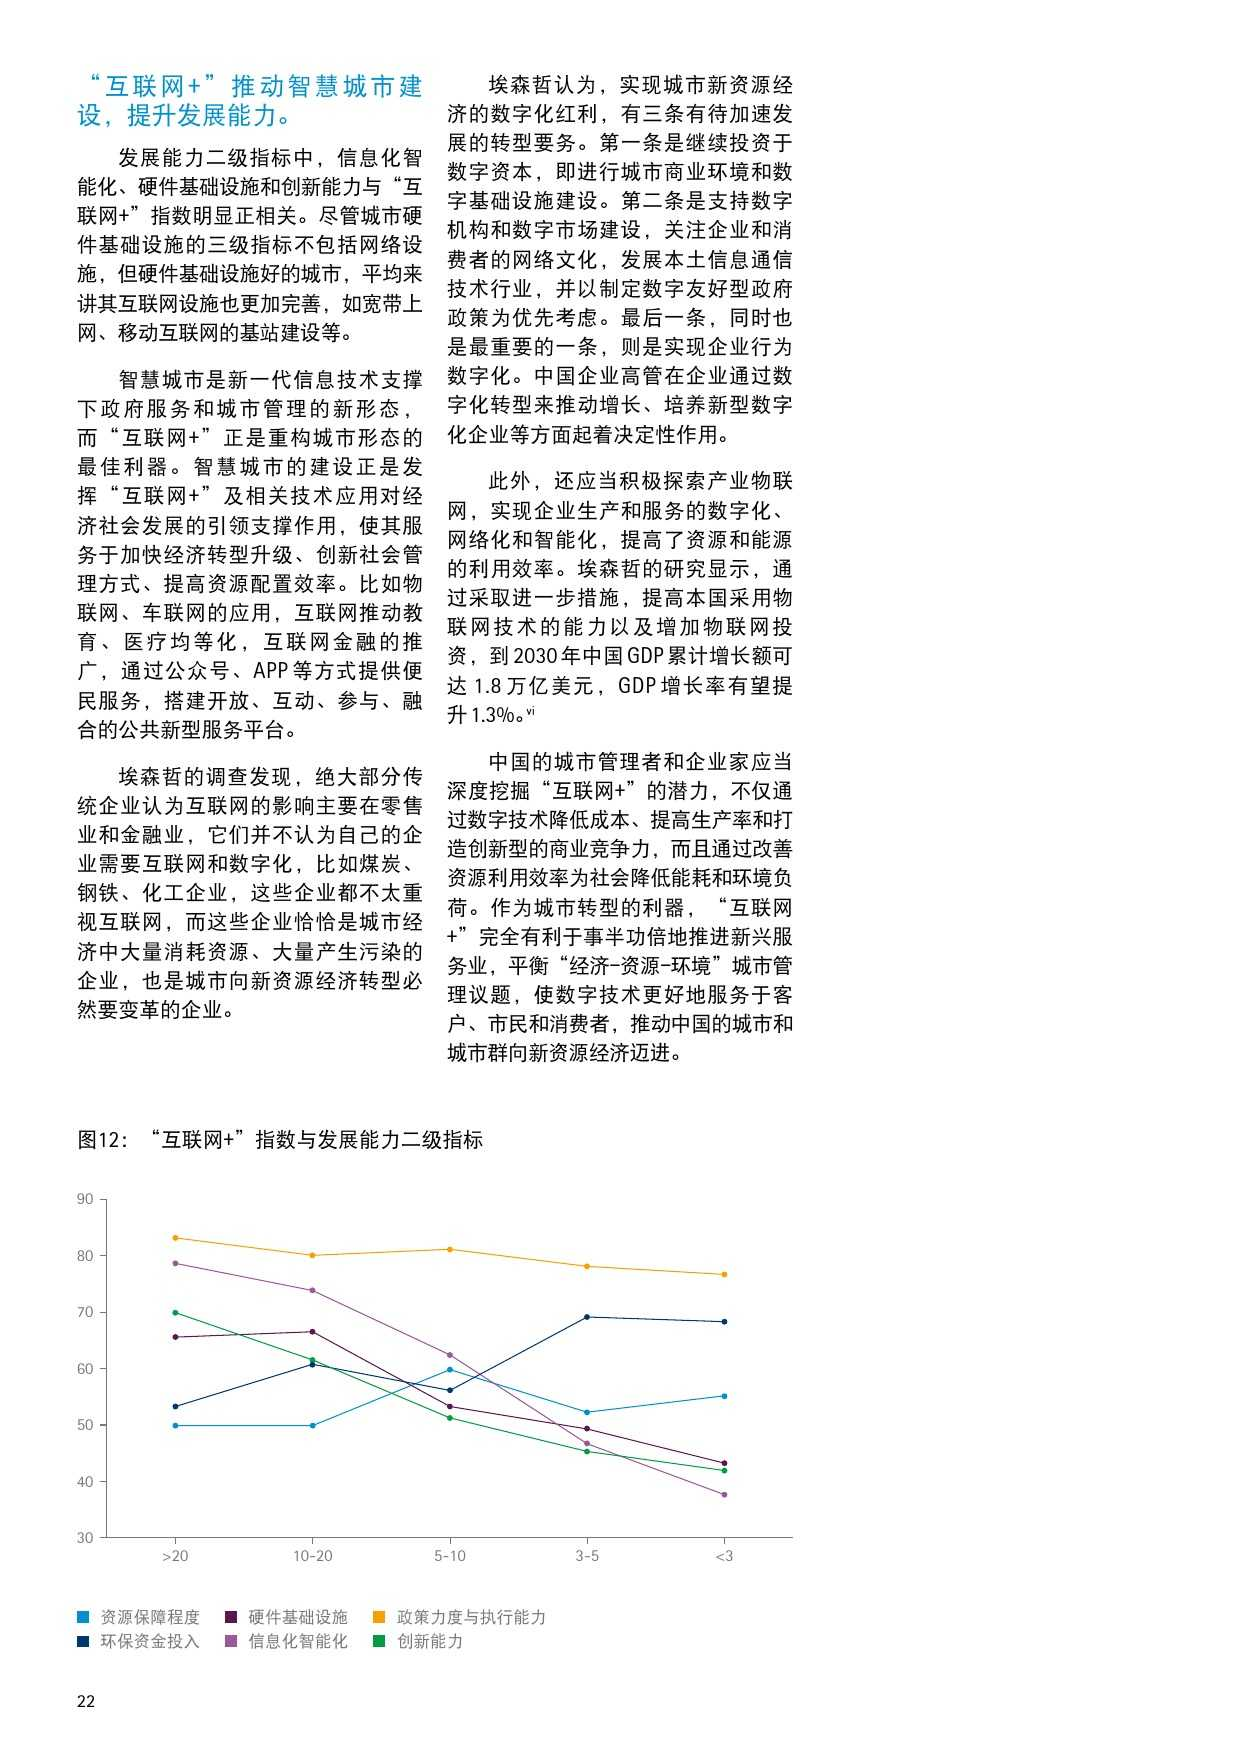 埃森哲&中科院:2015年新资源经济城市指数_000022